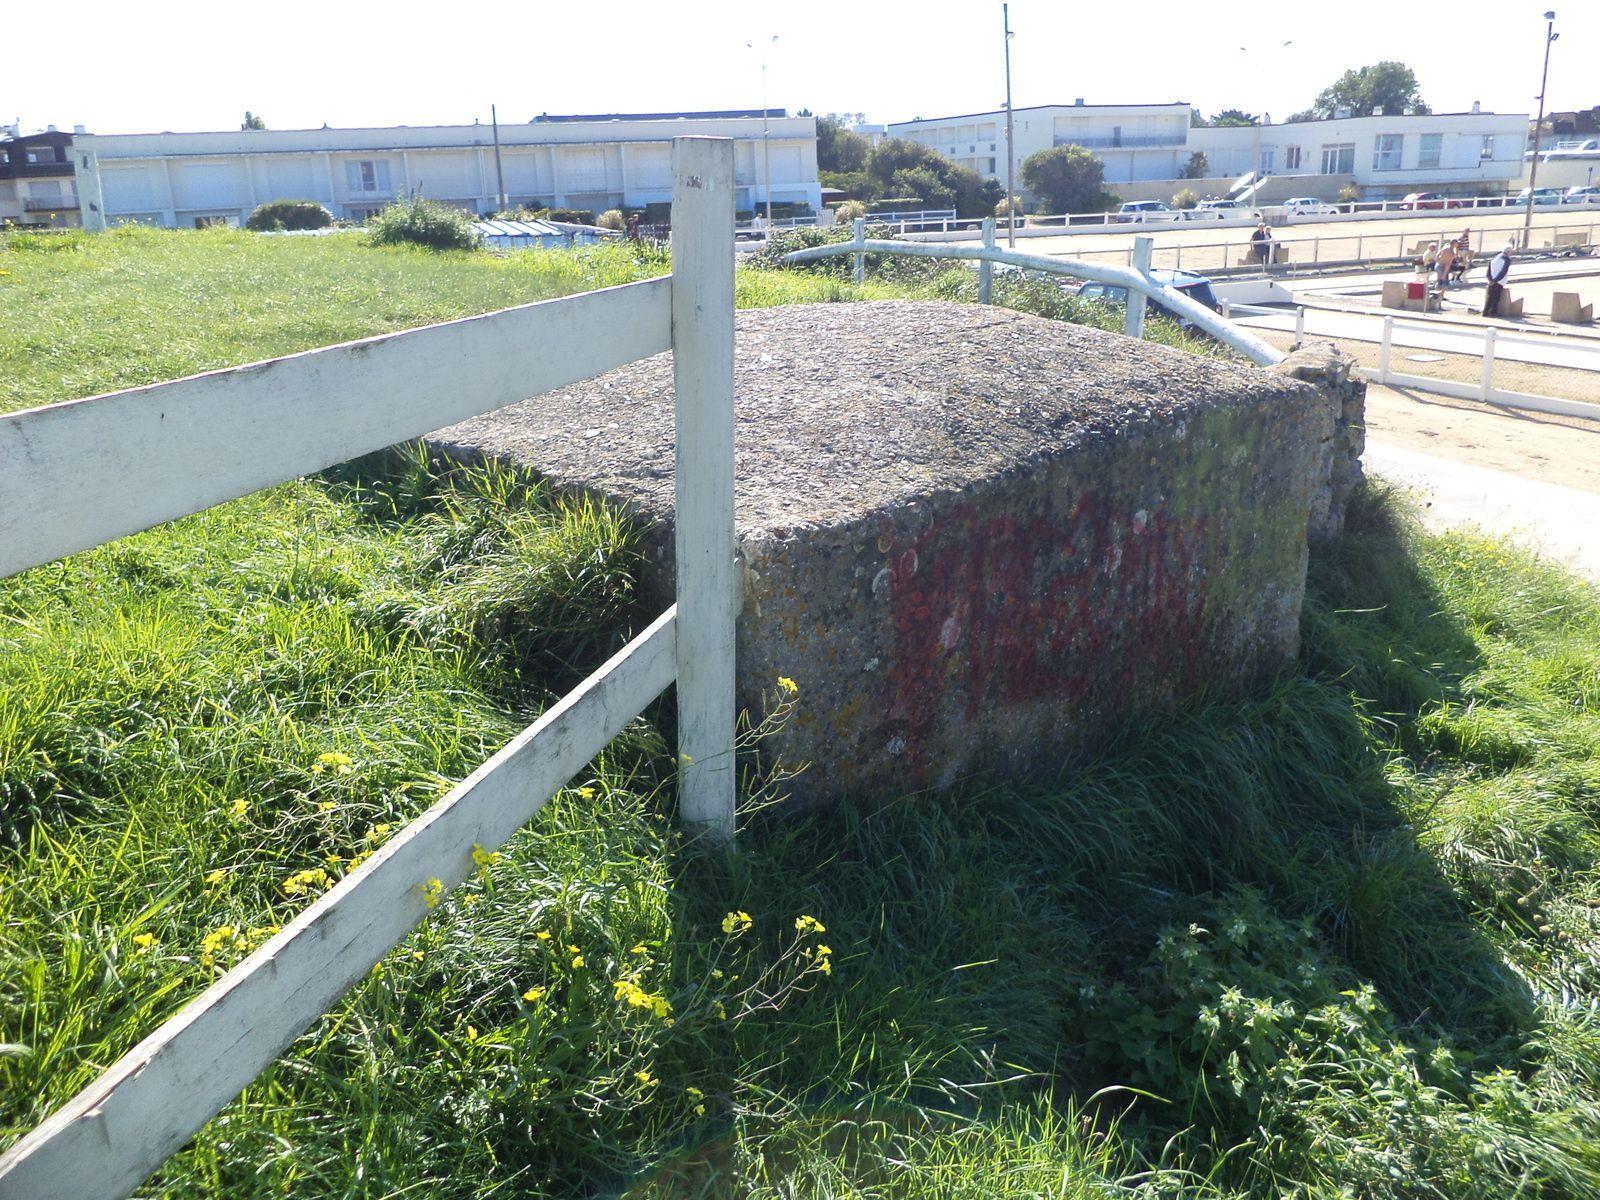 sur la plage a coté du centre hippique ce tobrouk surmonte un bunker